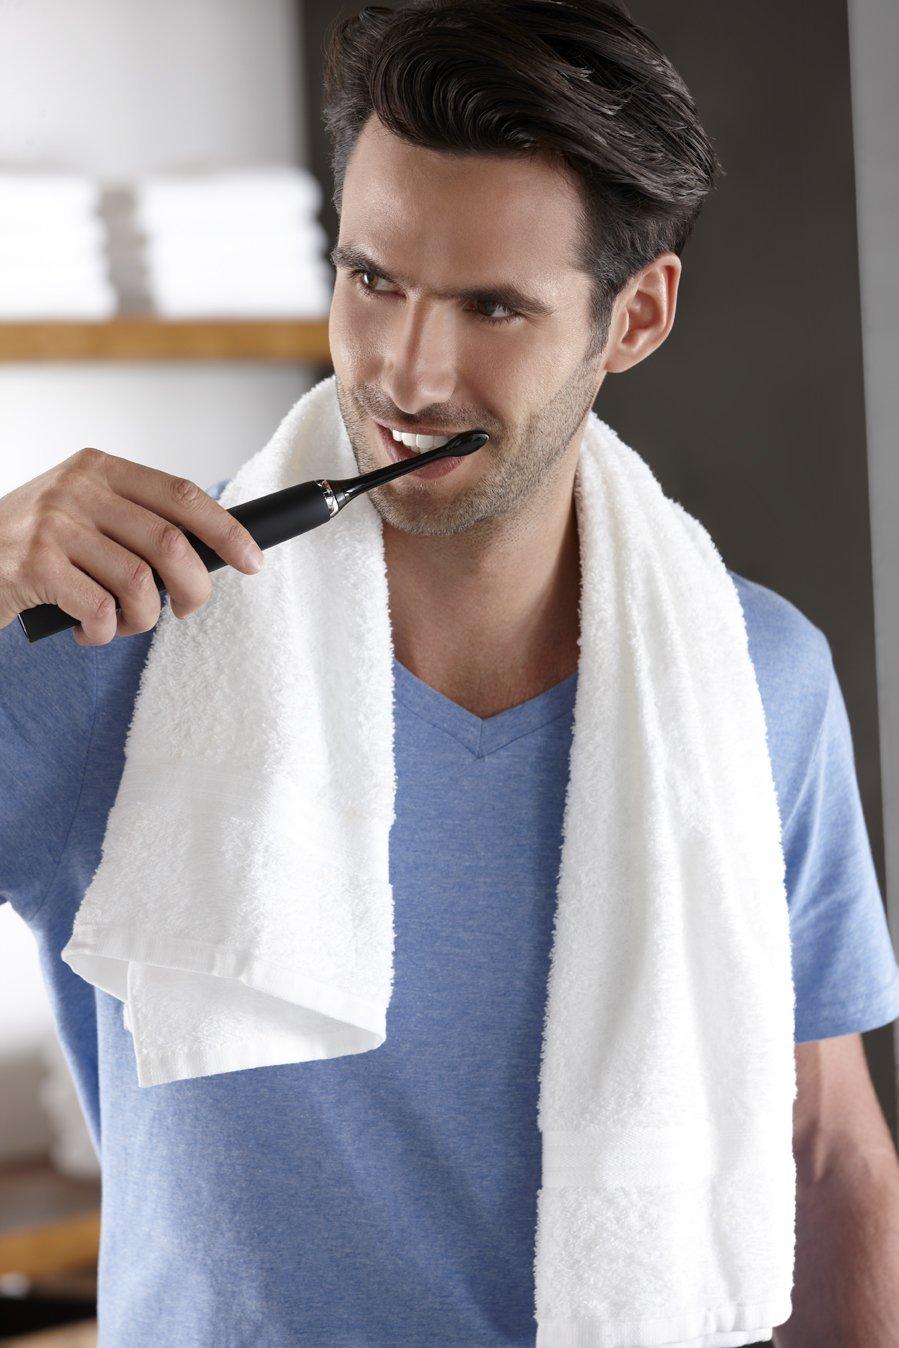 Đánh răng với bàn chải đánh răng điện philips hx9352